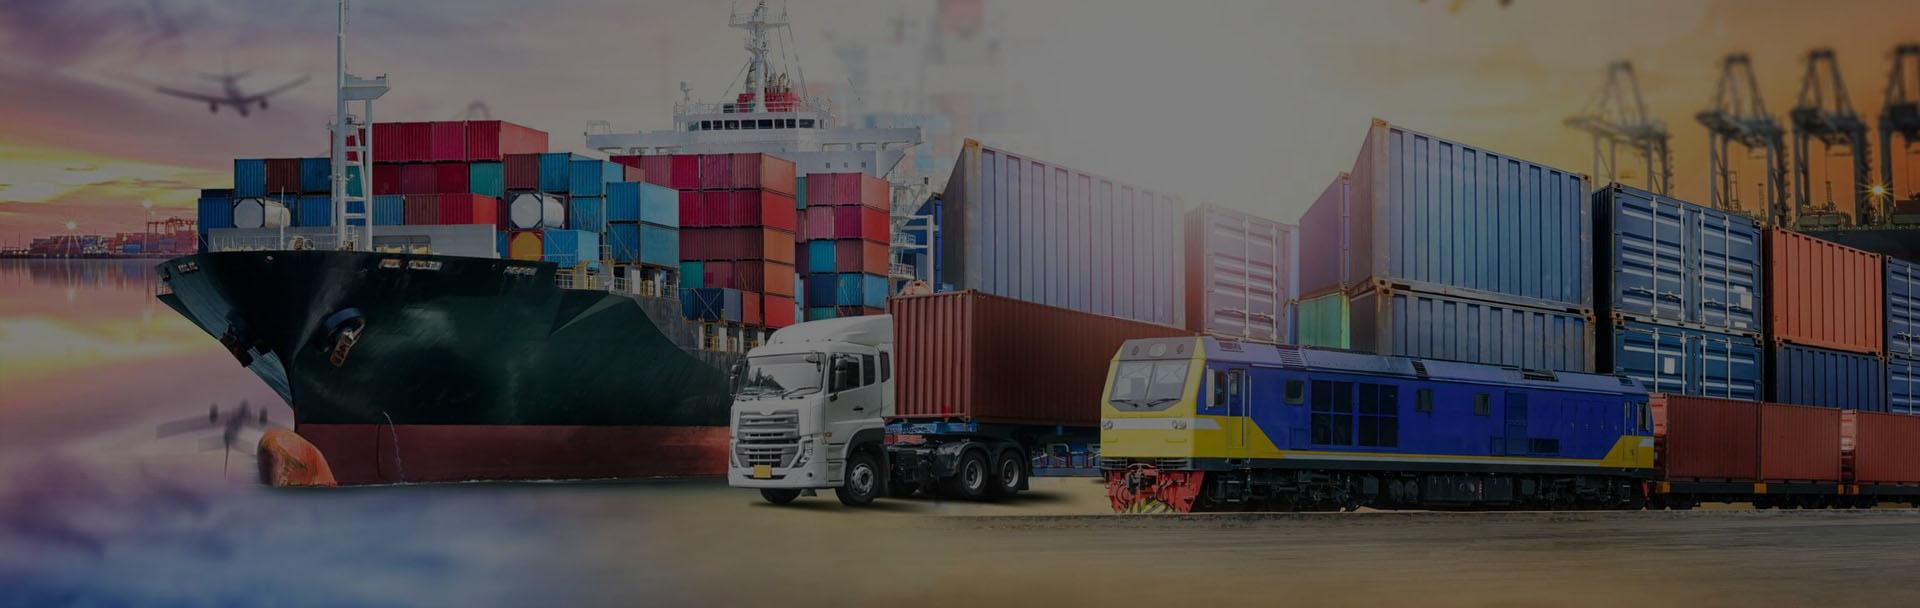 vận chuyển hàng hóa zship